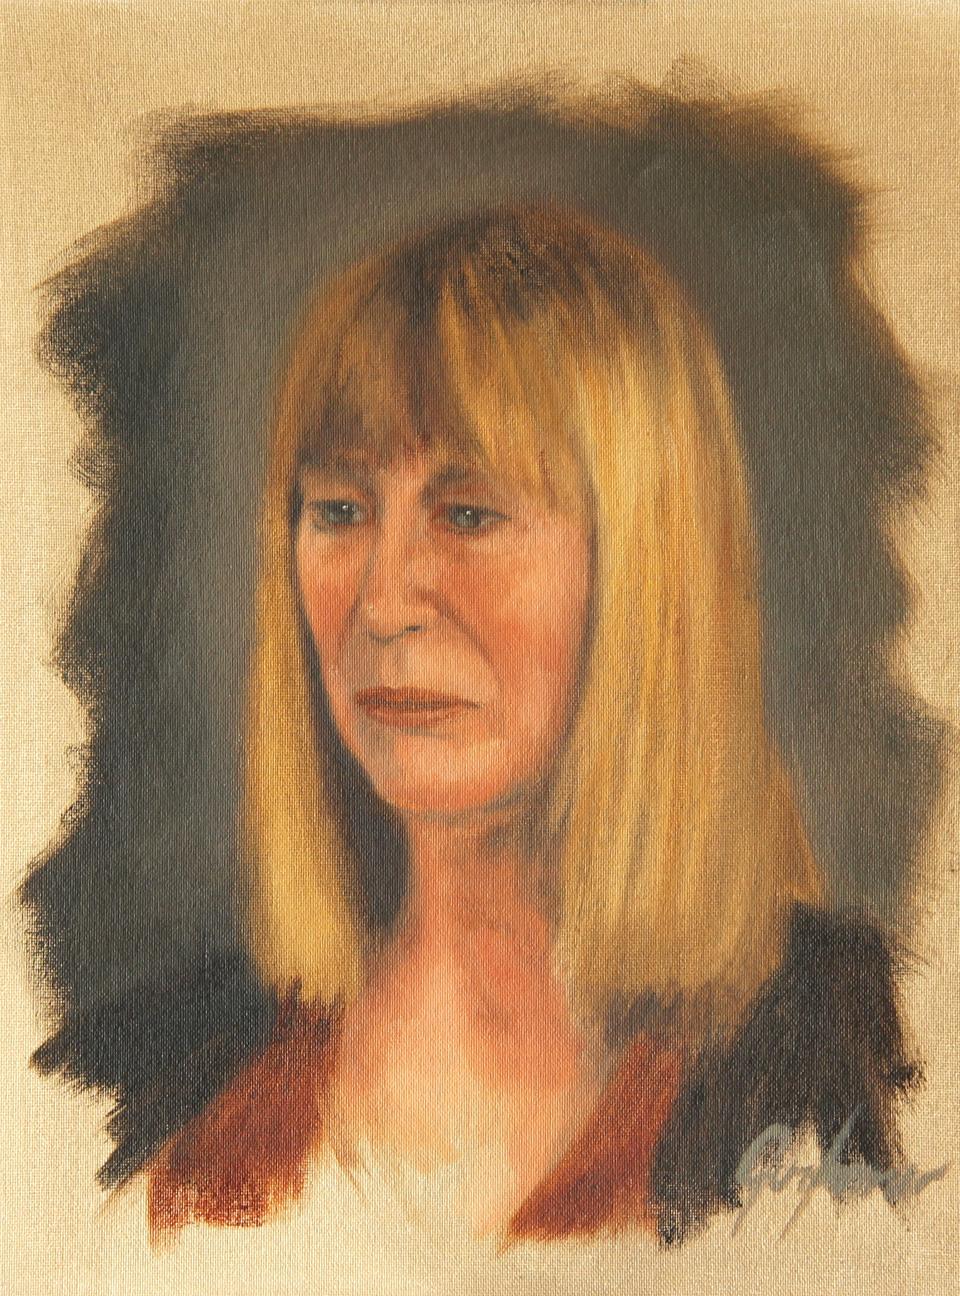 Alla Prima Portrait Study of Gill